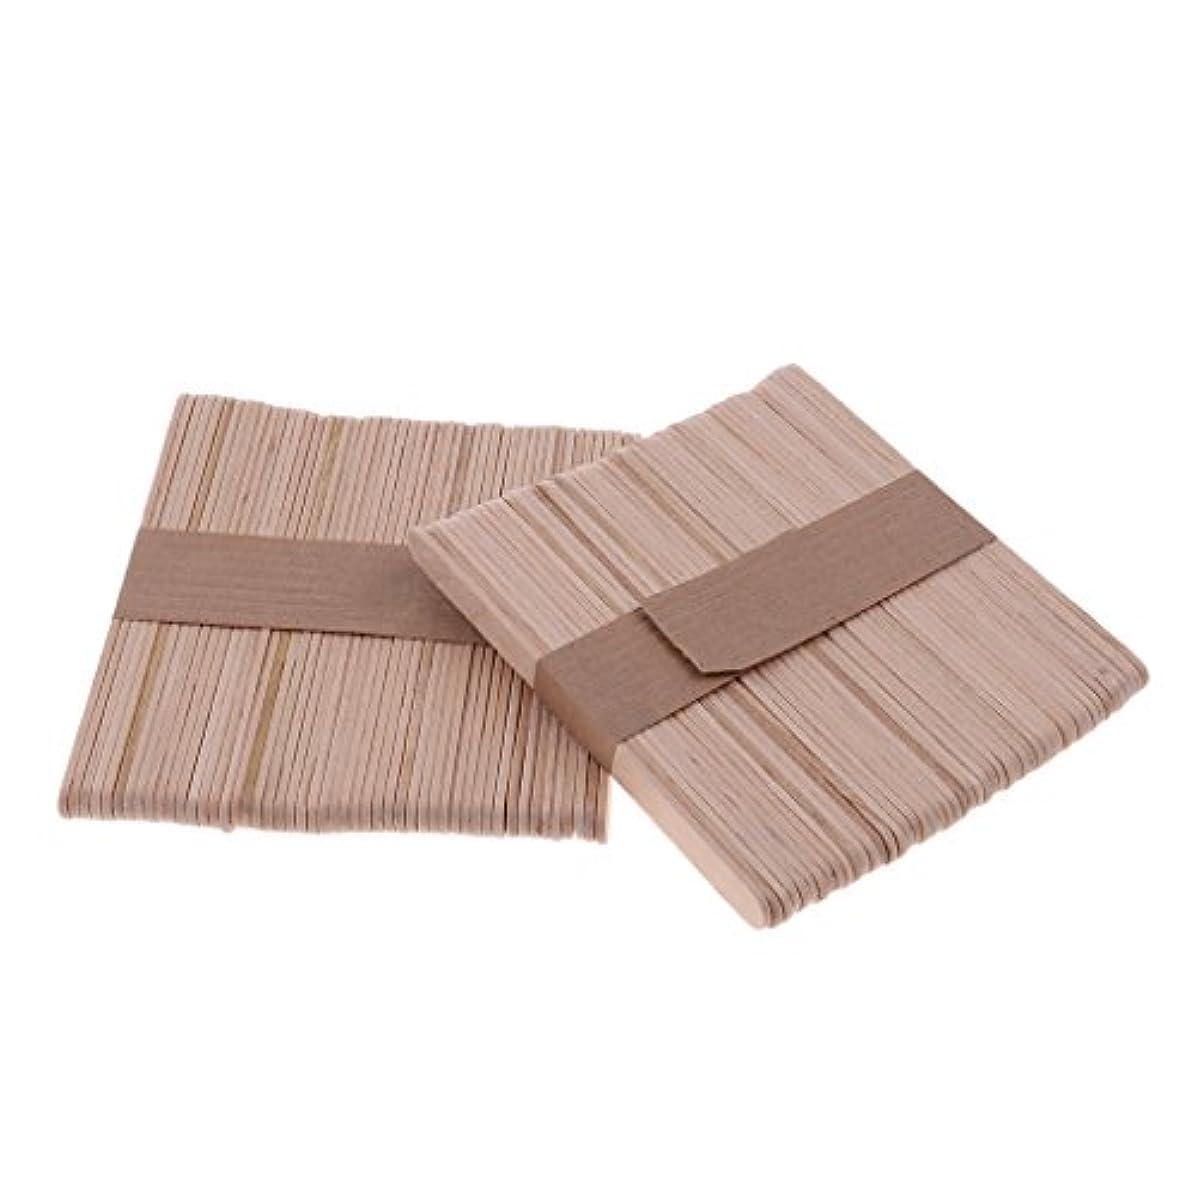 アンビエント勝者ガードsharprepublic 木材スティック 脱毛 ワックス用 体毛除去 ウッド ワックススパチュラ 便利 200個セット - S